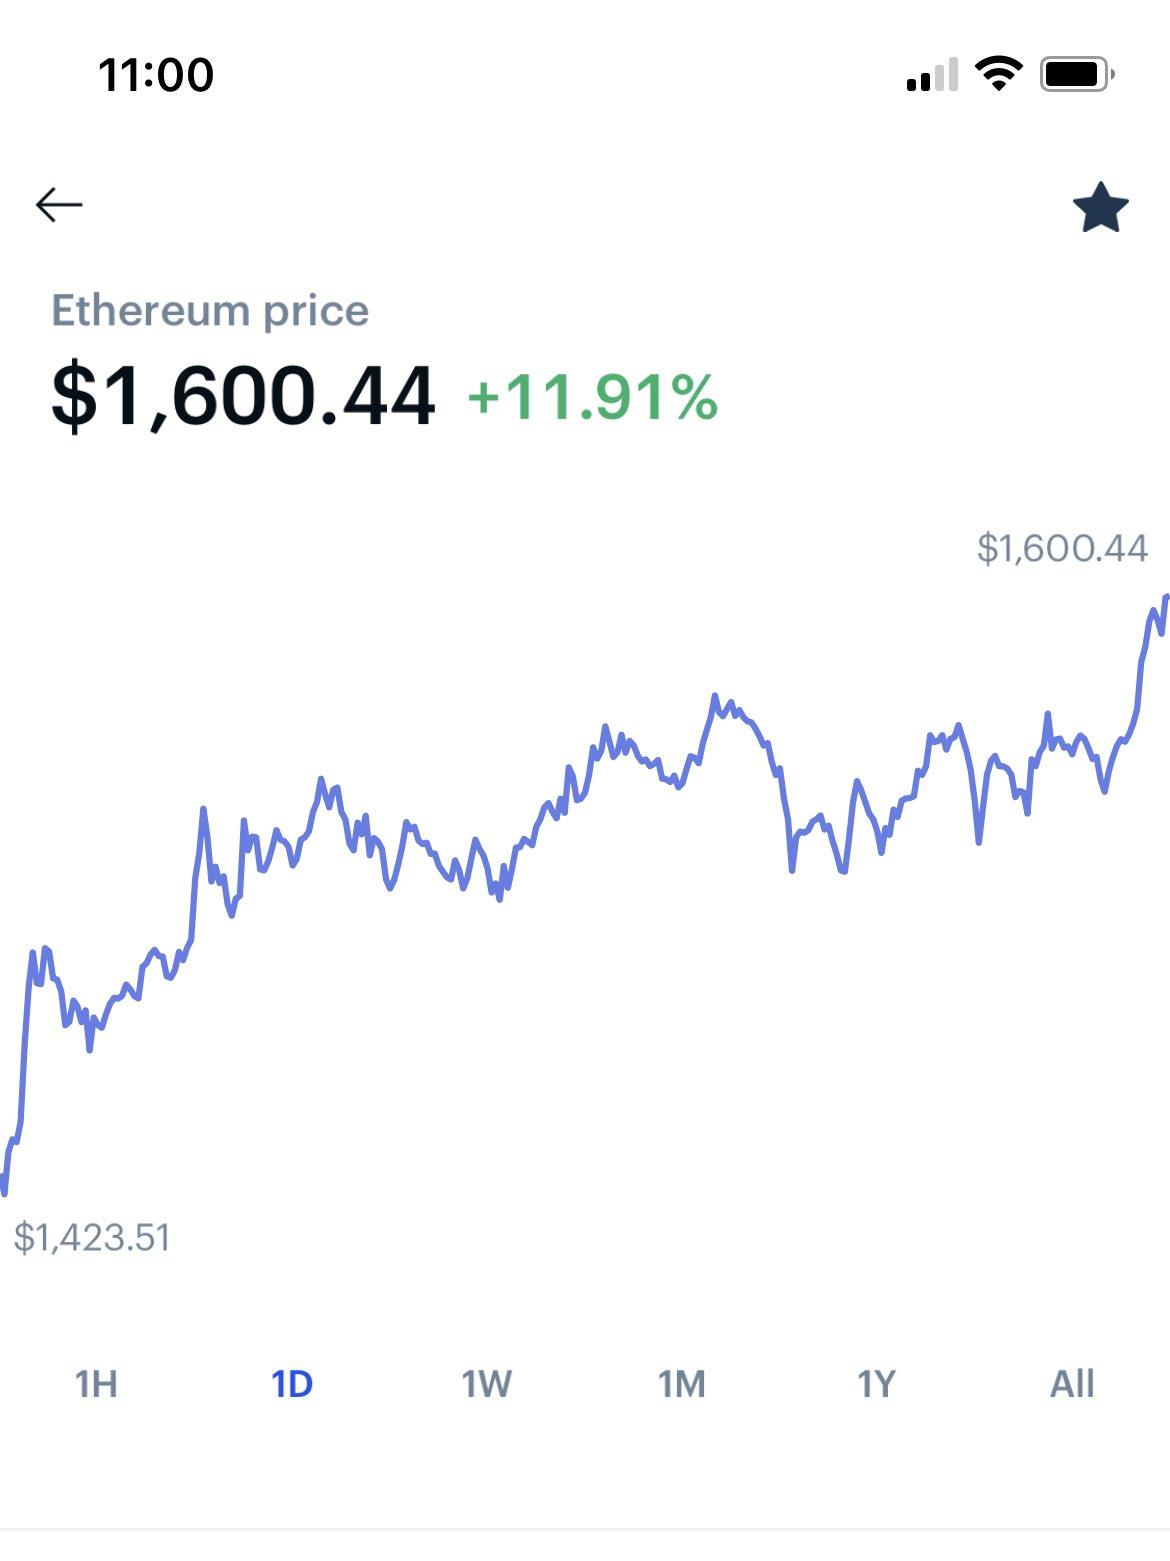 ethereum price - photo #6